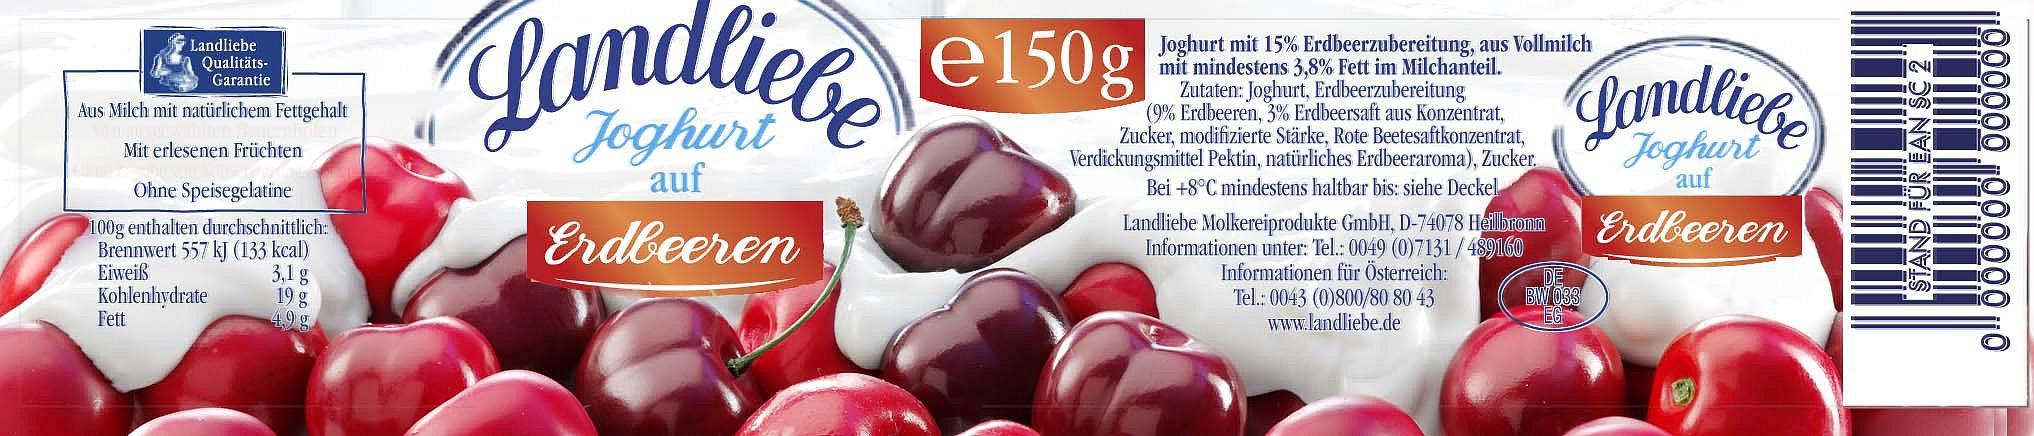 Fotografie von frischen Lebensmitteln: Früchte mit Joghurt